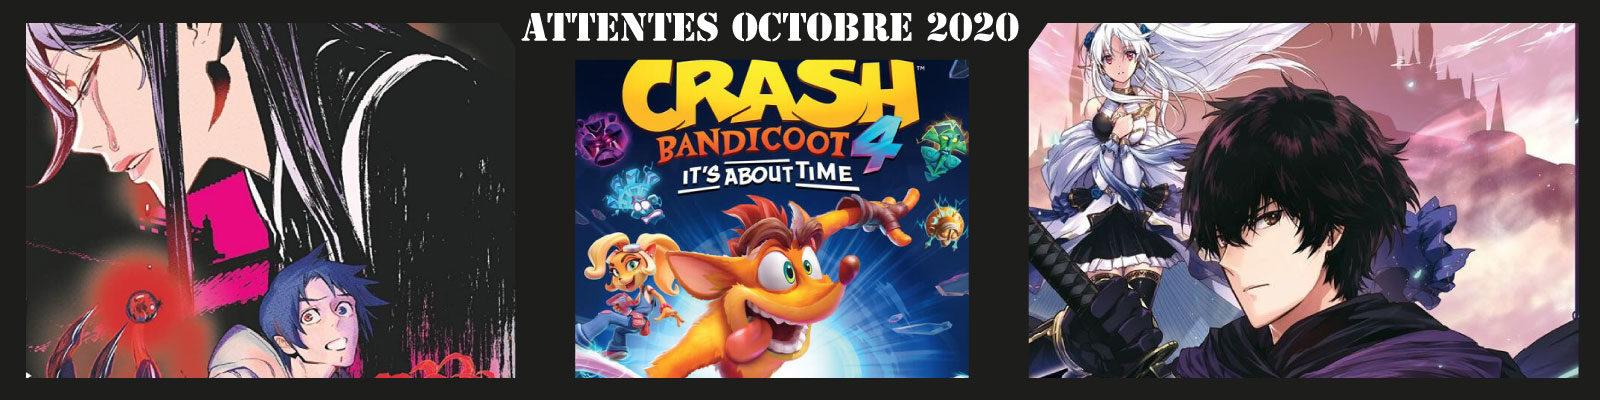 attentes-octobre 2020